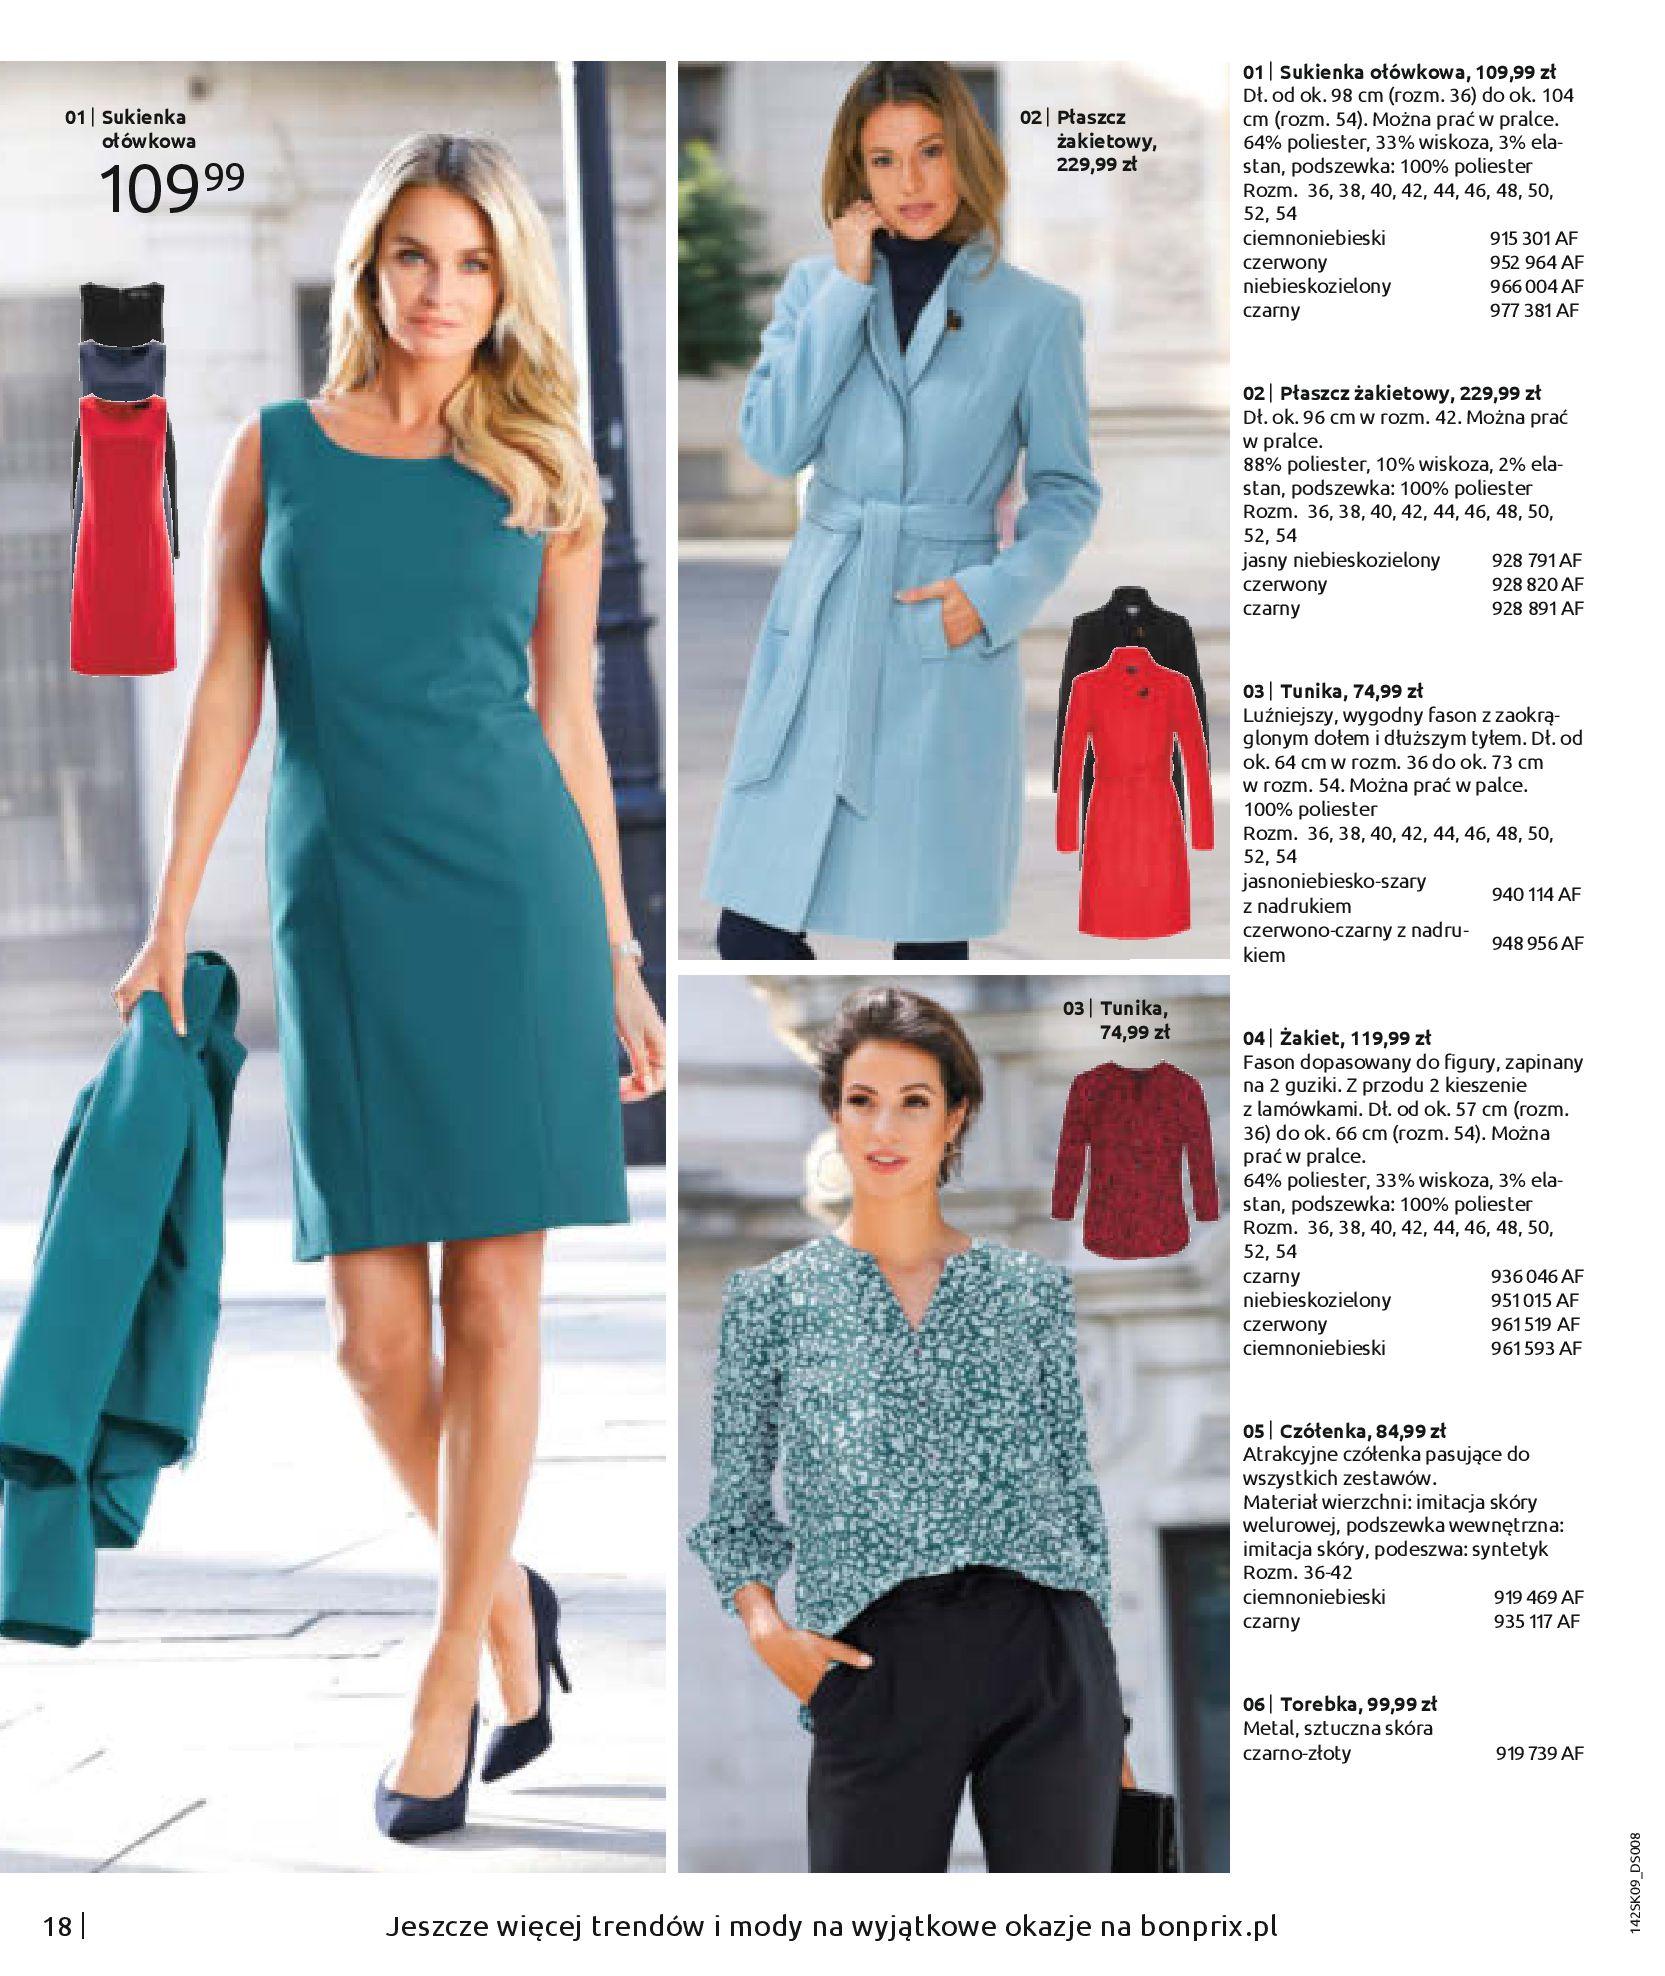 Gazetka Bonprix - Jesienny look-31.08.2020-28.02.2021-page-20